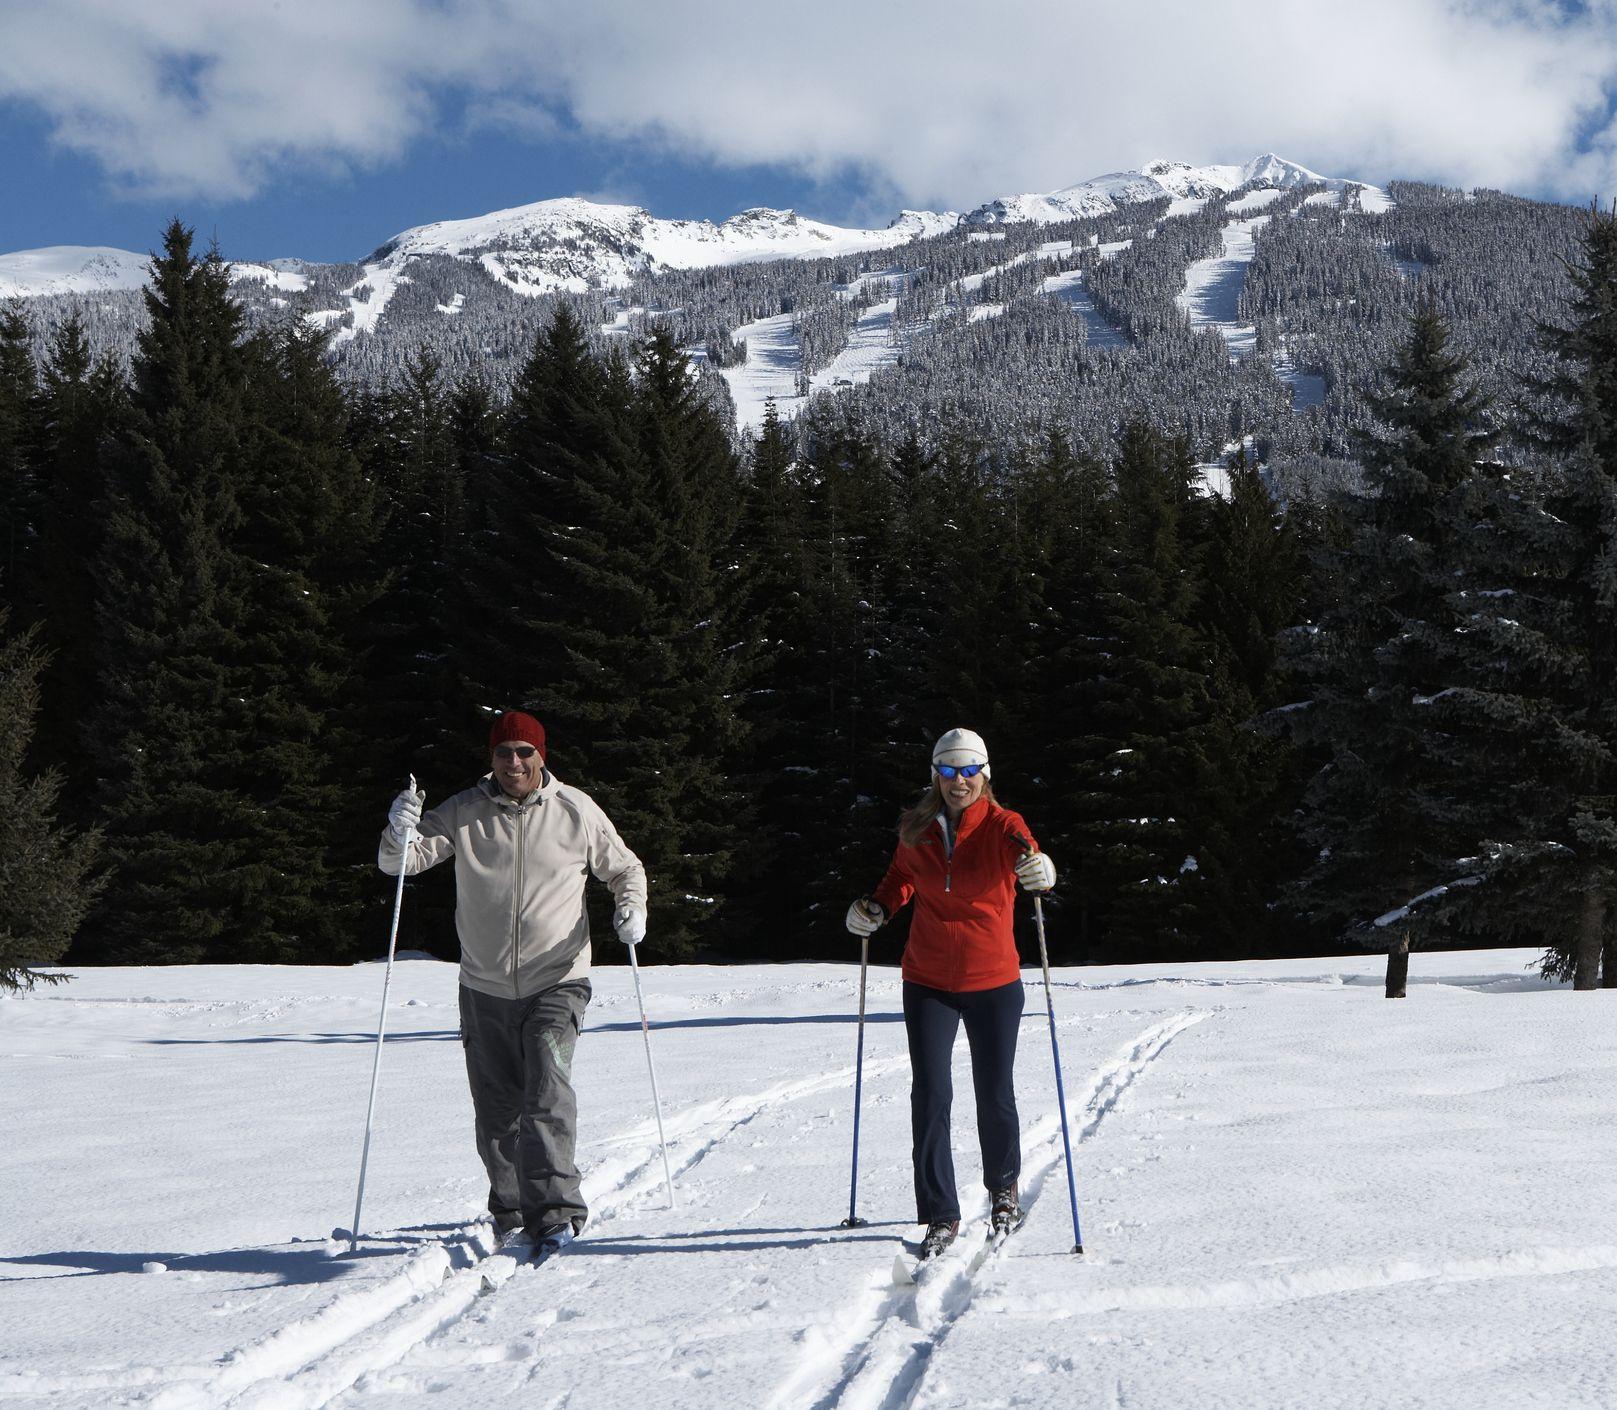 Zostaňte fit a vychutnajte si čaro prírody: Bežecké lyžovanie dostane aj vás!